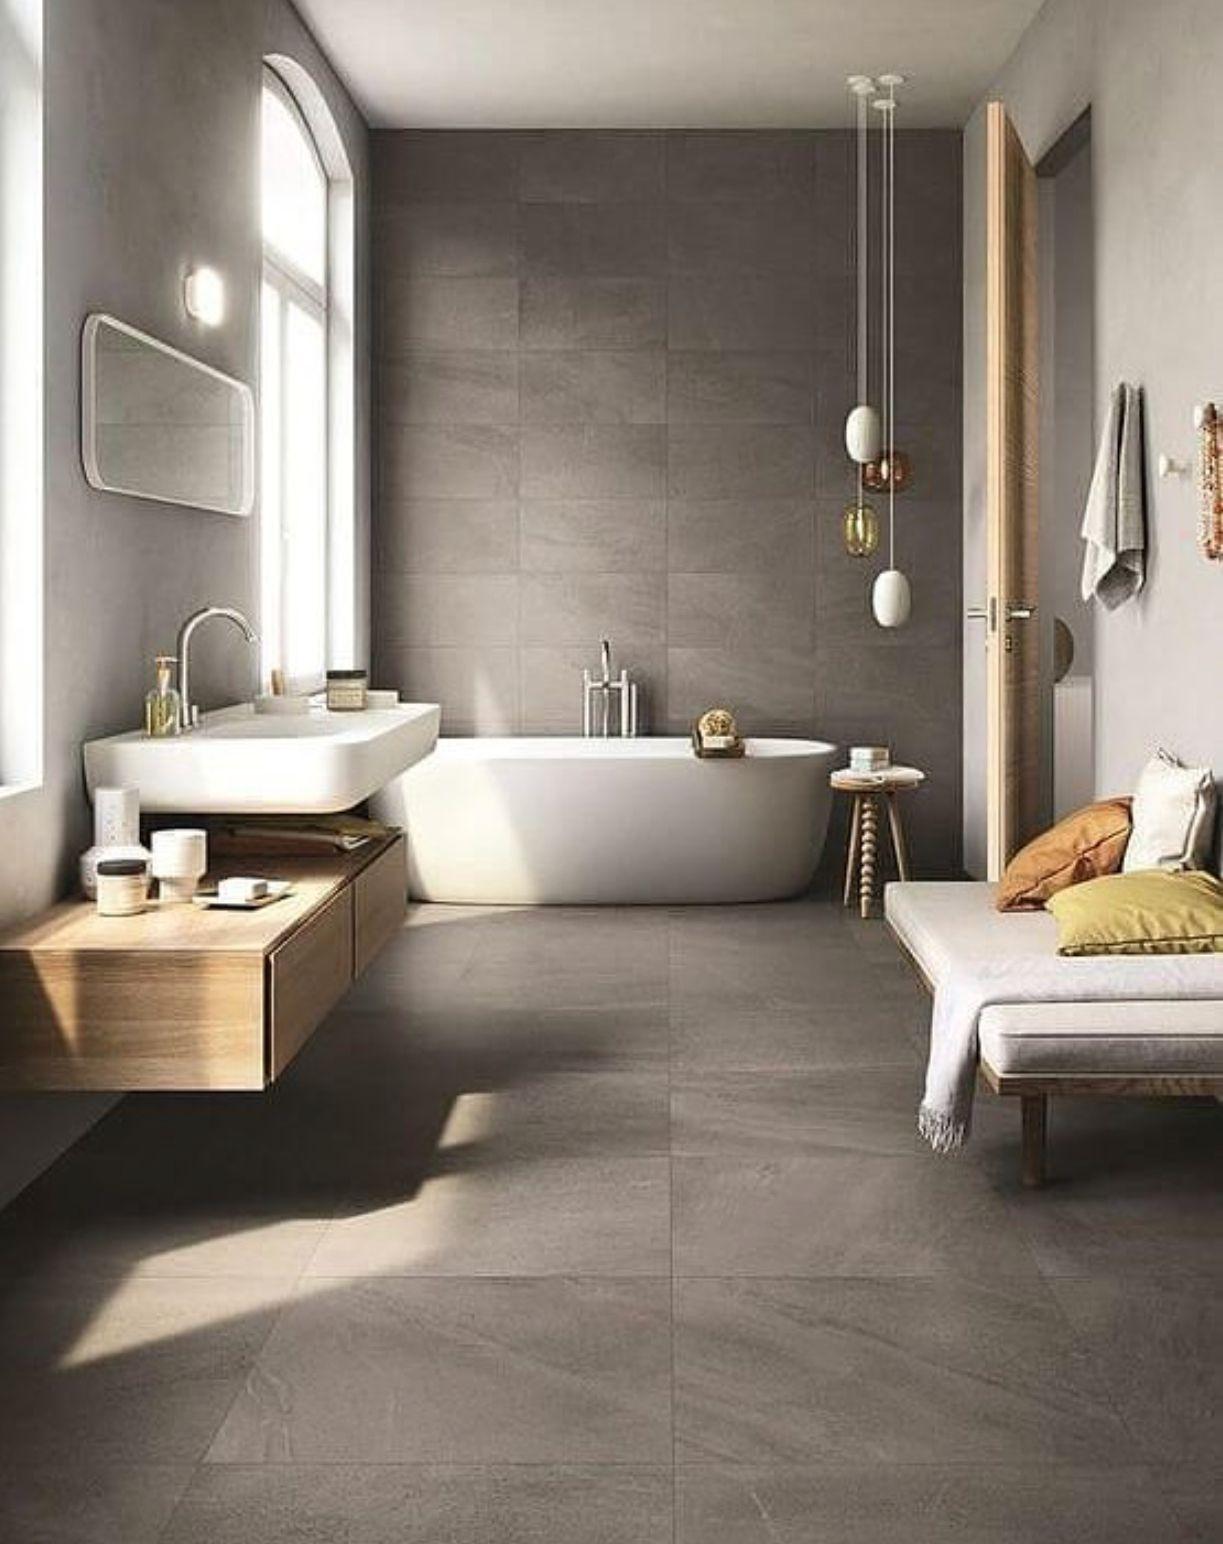 Badezimmer ideen keine badewanne pin von anna reus auf wohnen in   pinterest  badezimmer